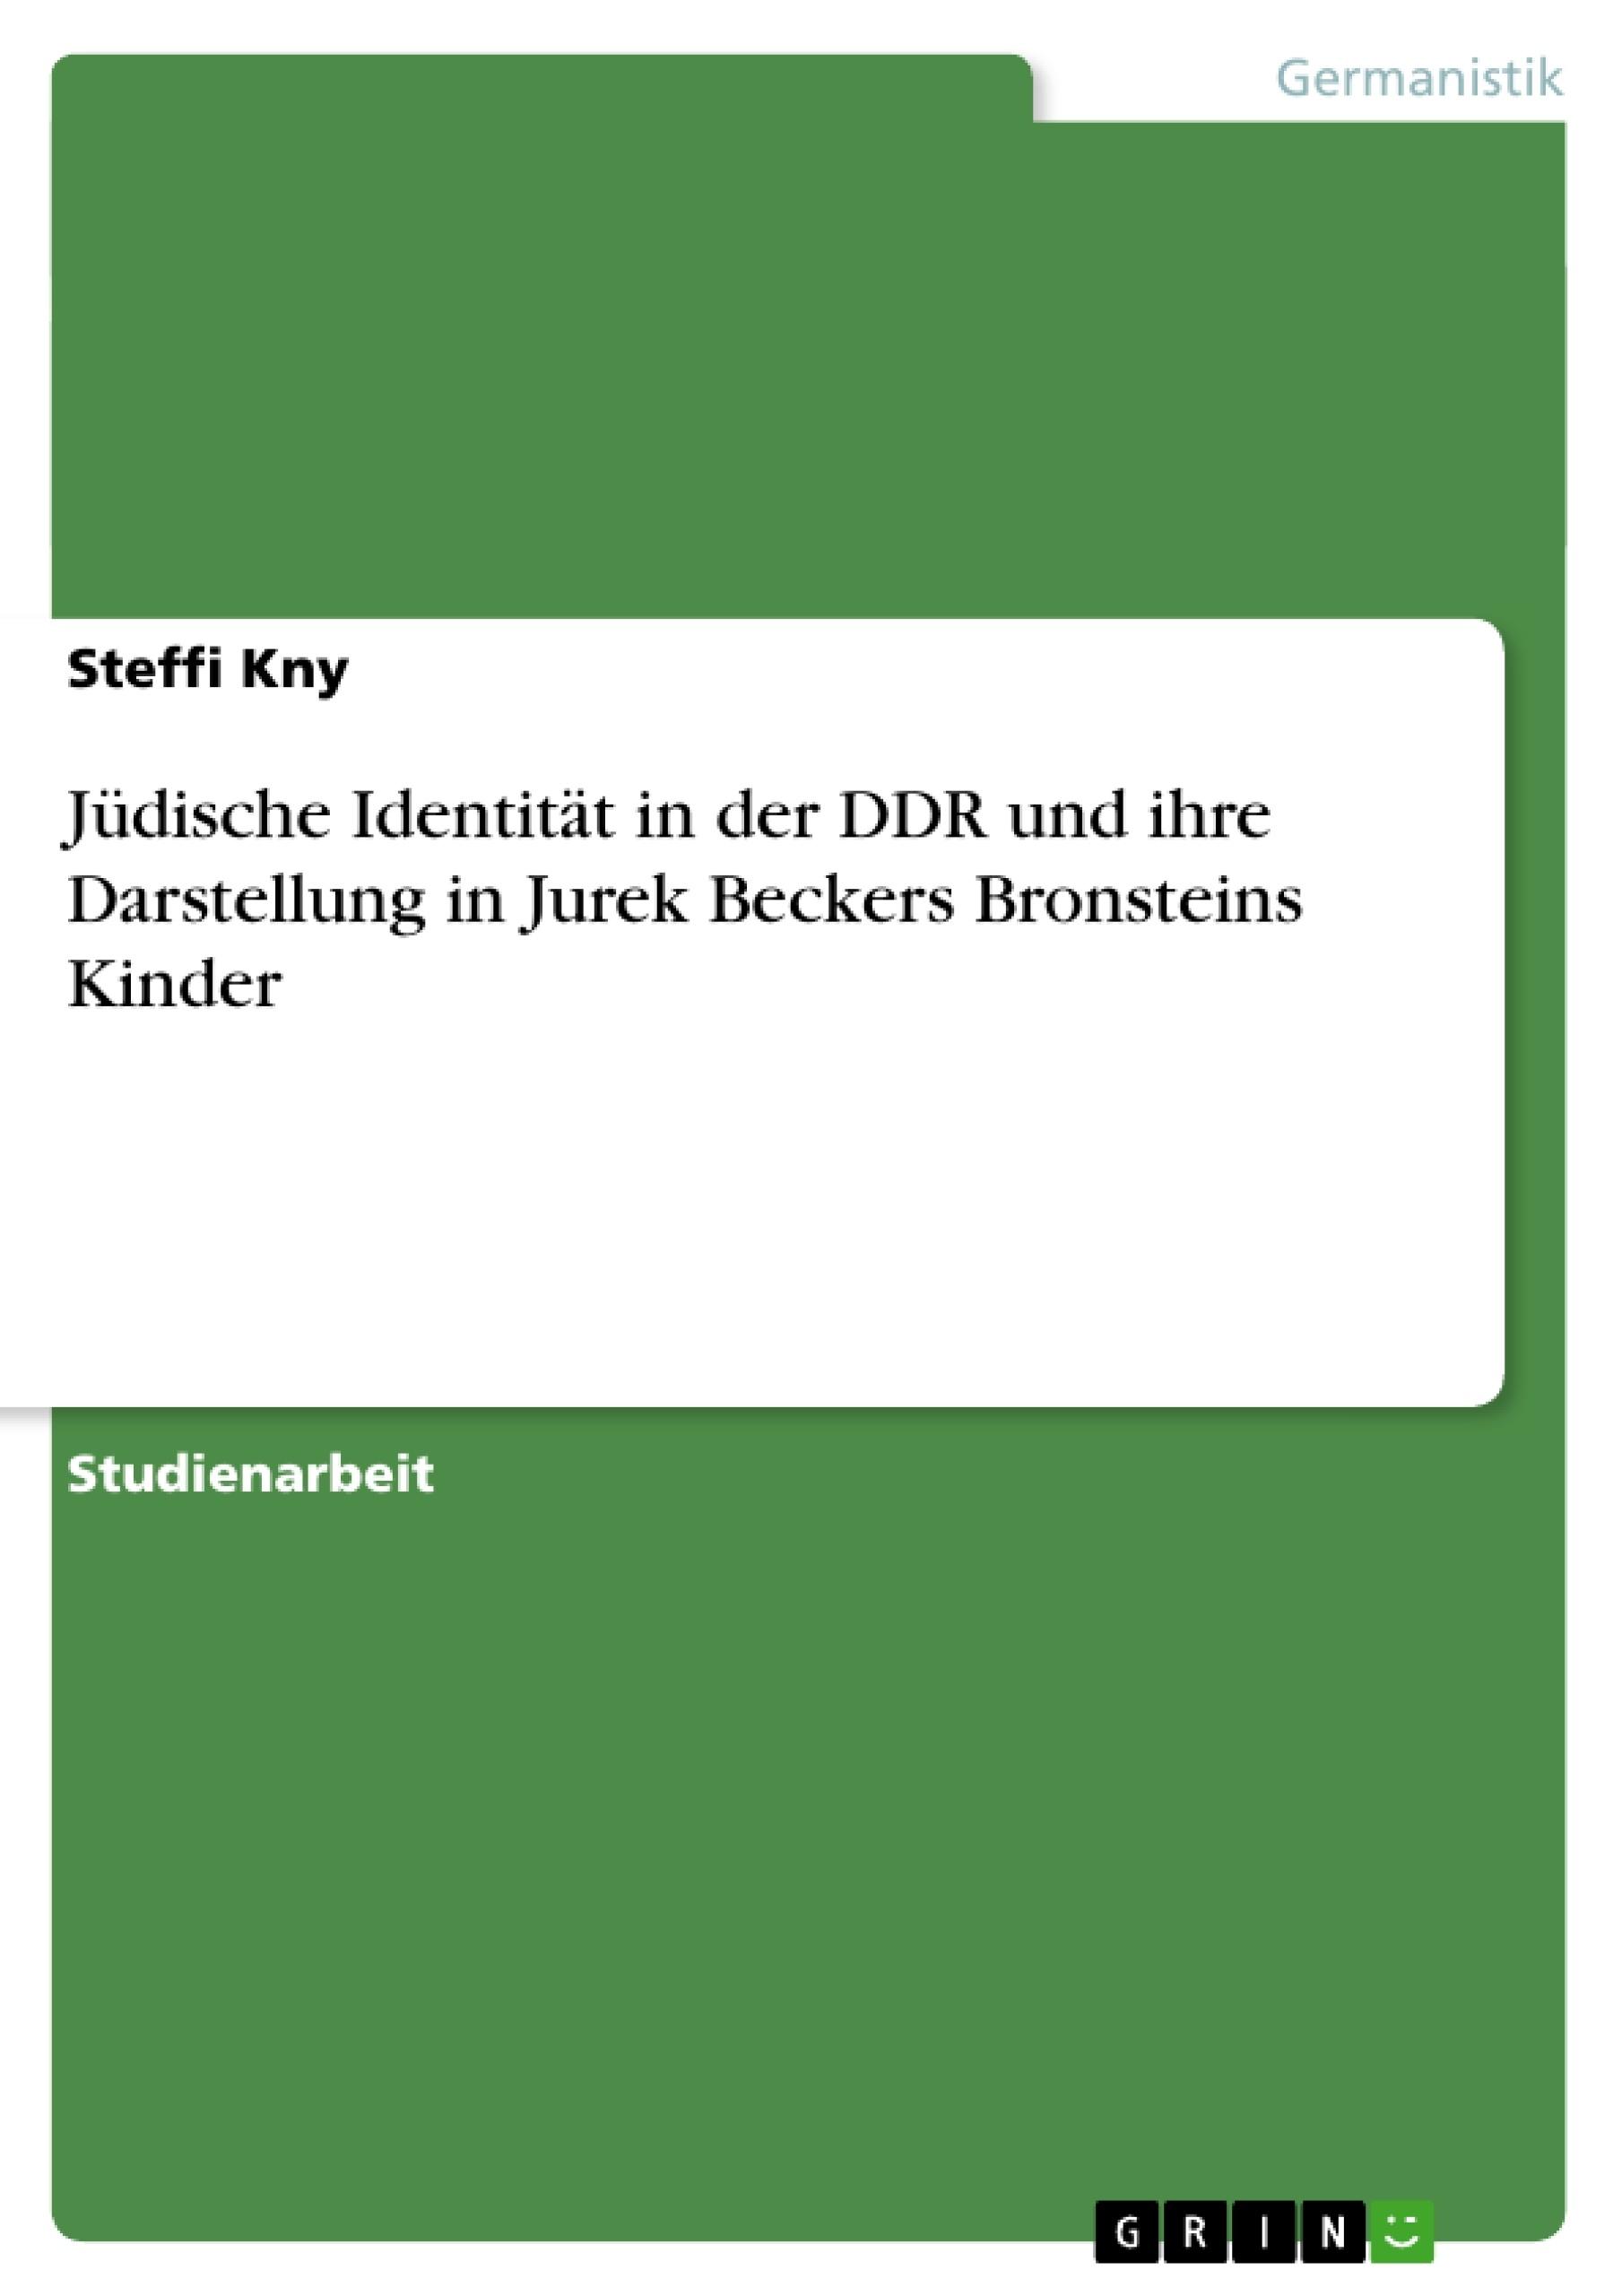 Titel: Jüdische Identität in der DDR und ihre Darstellung in Jurek Beckers Bronsteins Kinder